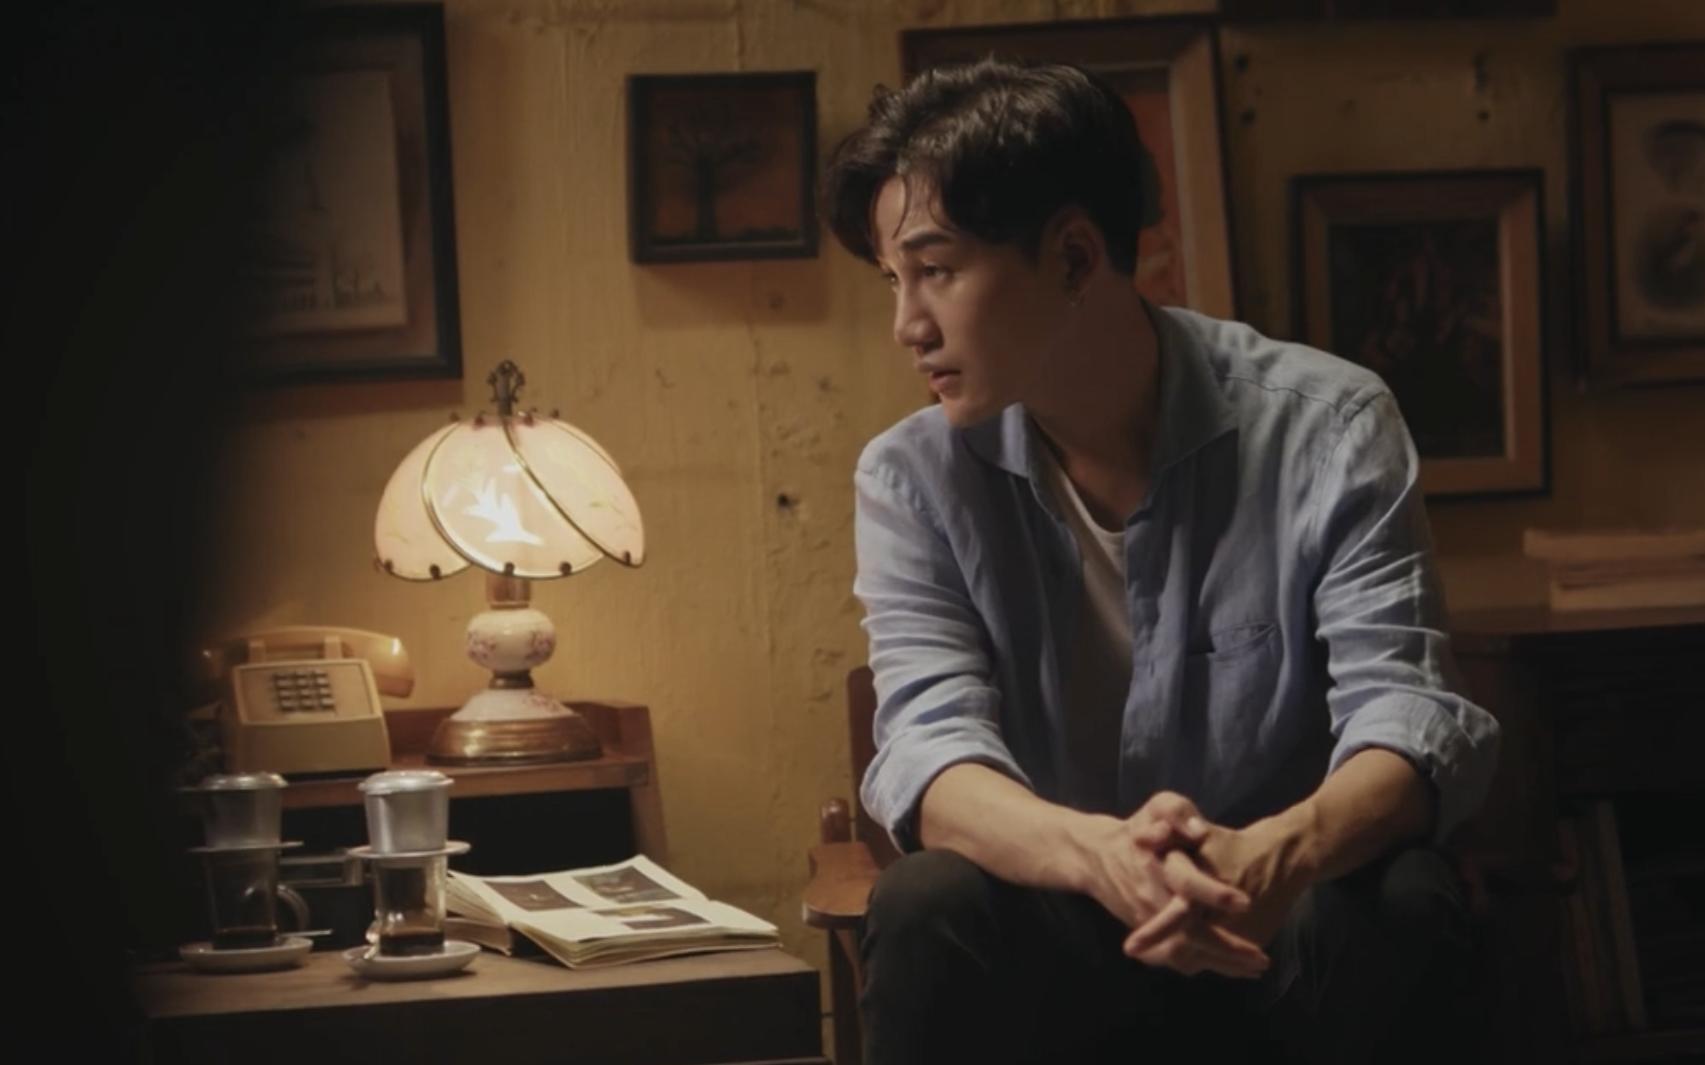 """Xúc động xem MV nhạc phim """"Bố già"""" do Trấn Thành đích thân viết lời, Ali Hoàng Dương thể hiện đầy cảm xúc"""